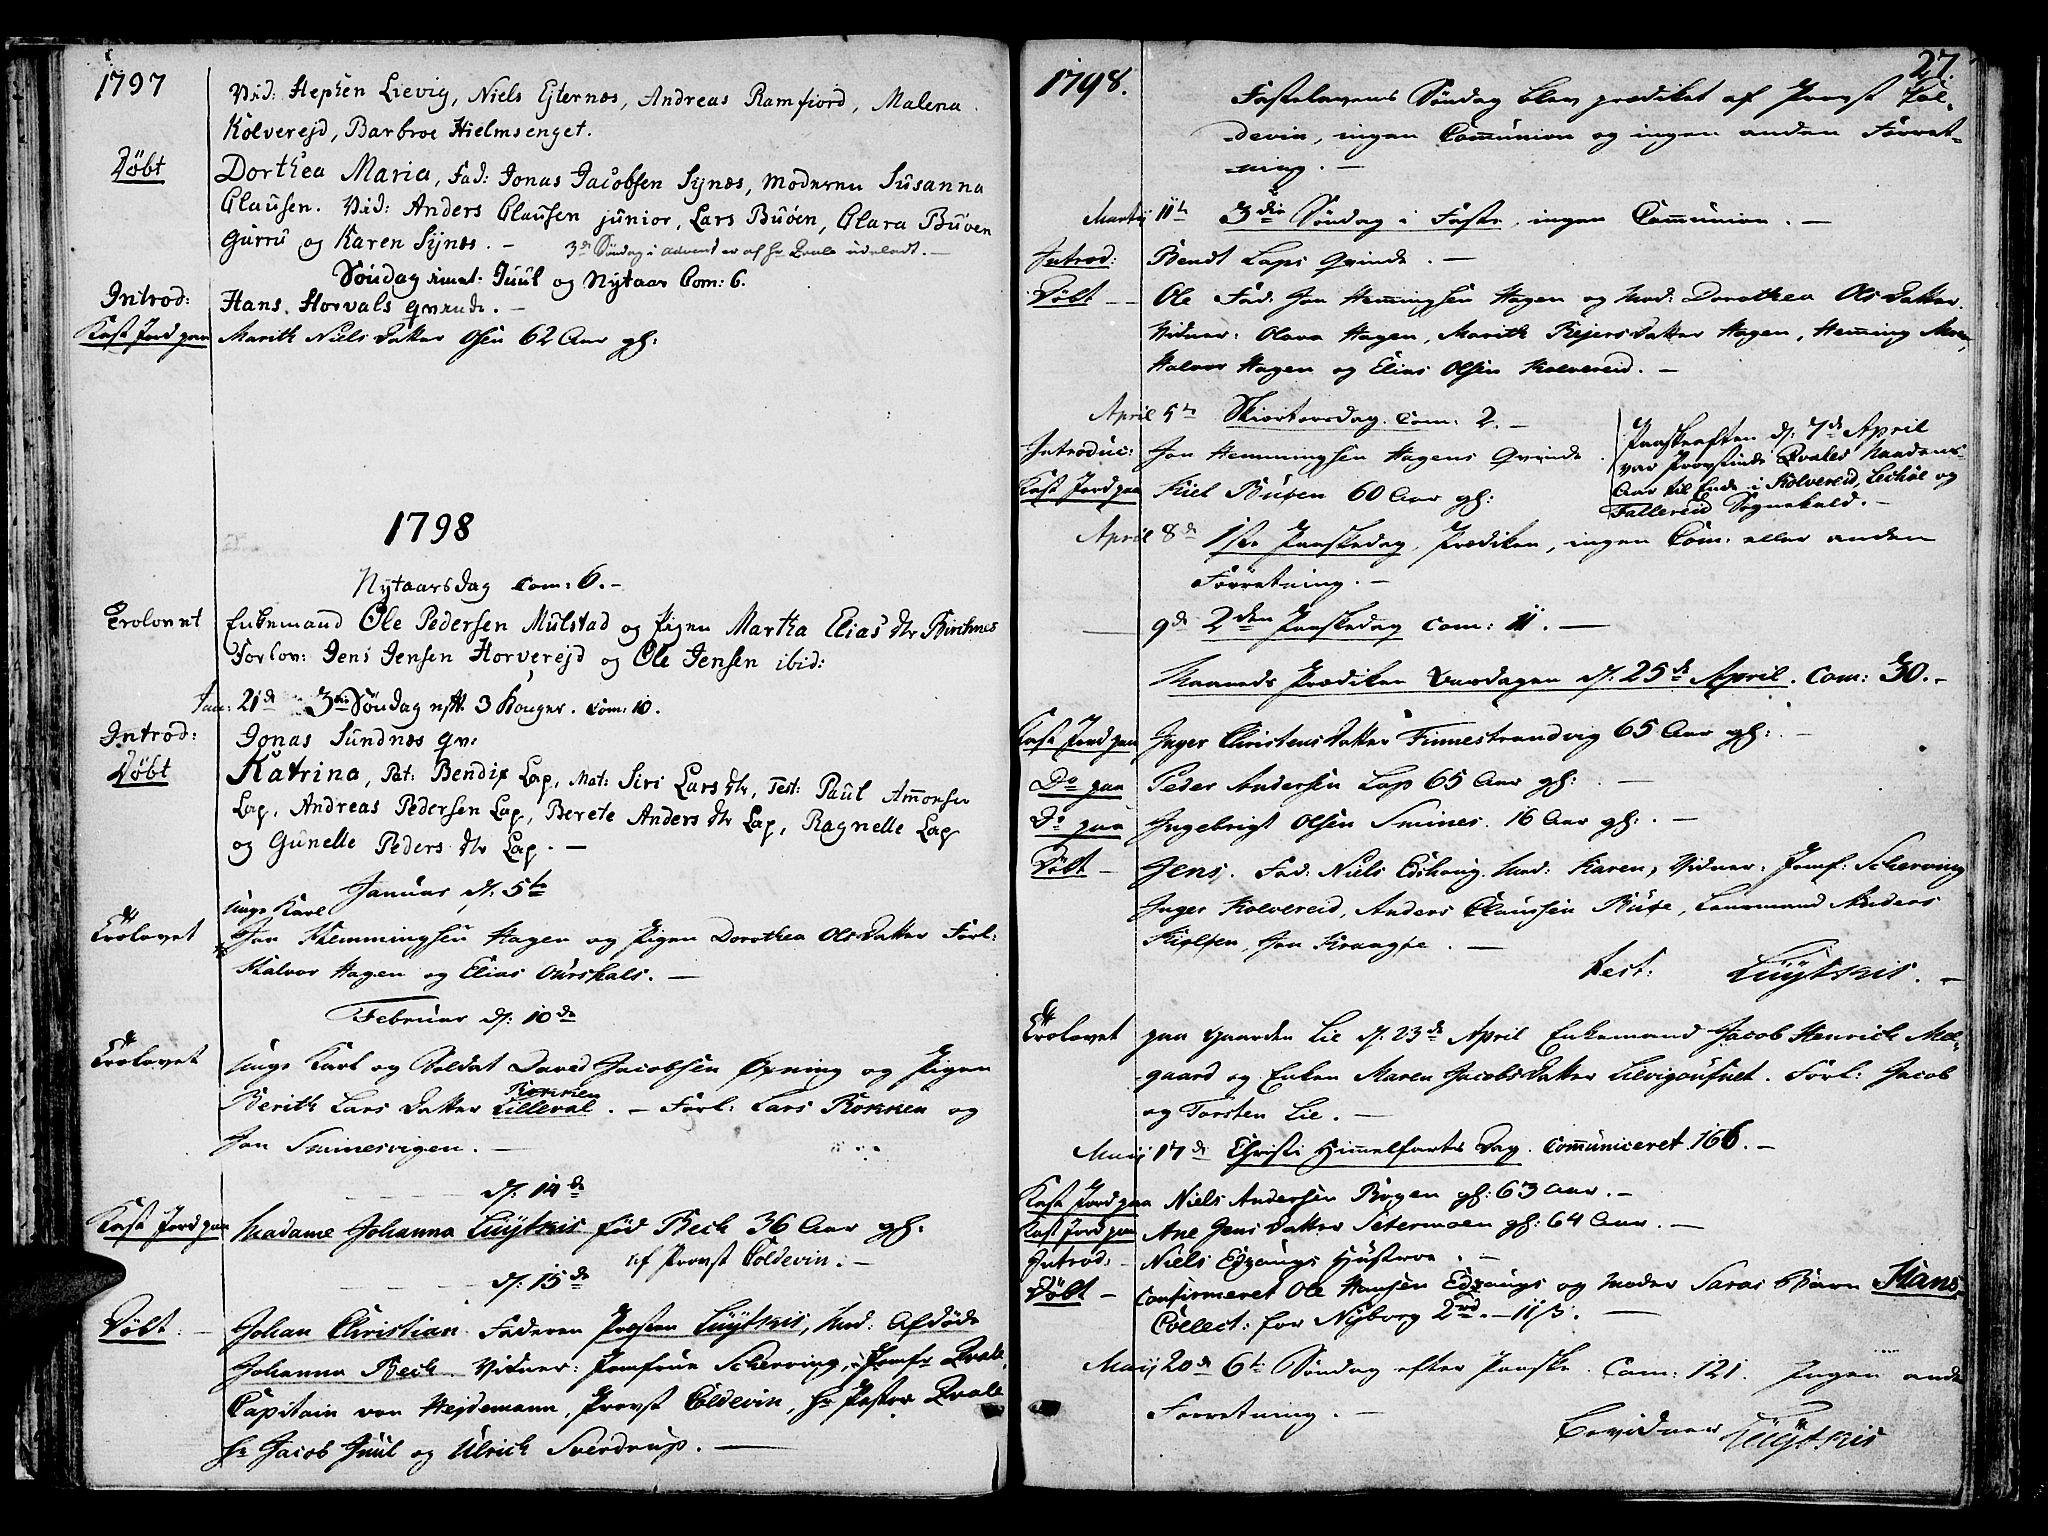 SAT, Ministerialprotokoller, klokkerbøker og fødselsregistre - Nord-Trøndelag, 780/L0633: Ministerialbok nr. 780A02 /1, 1787-1814, s. 27